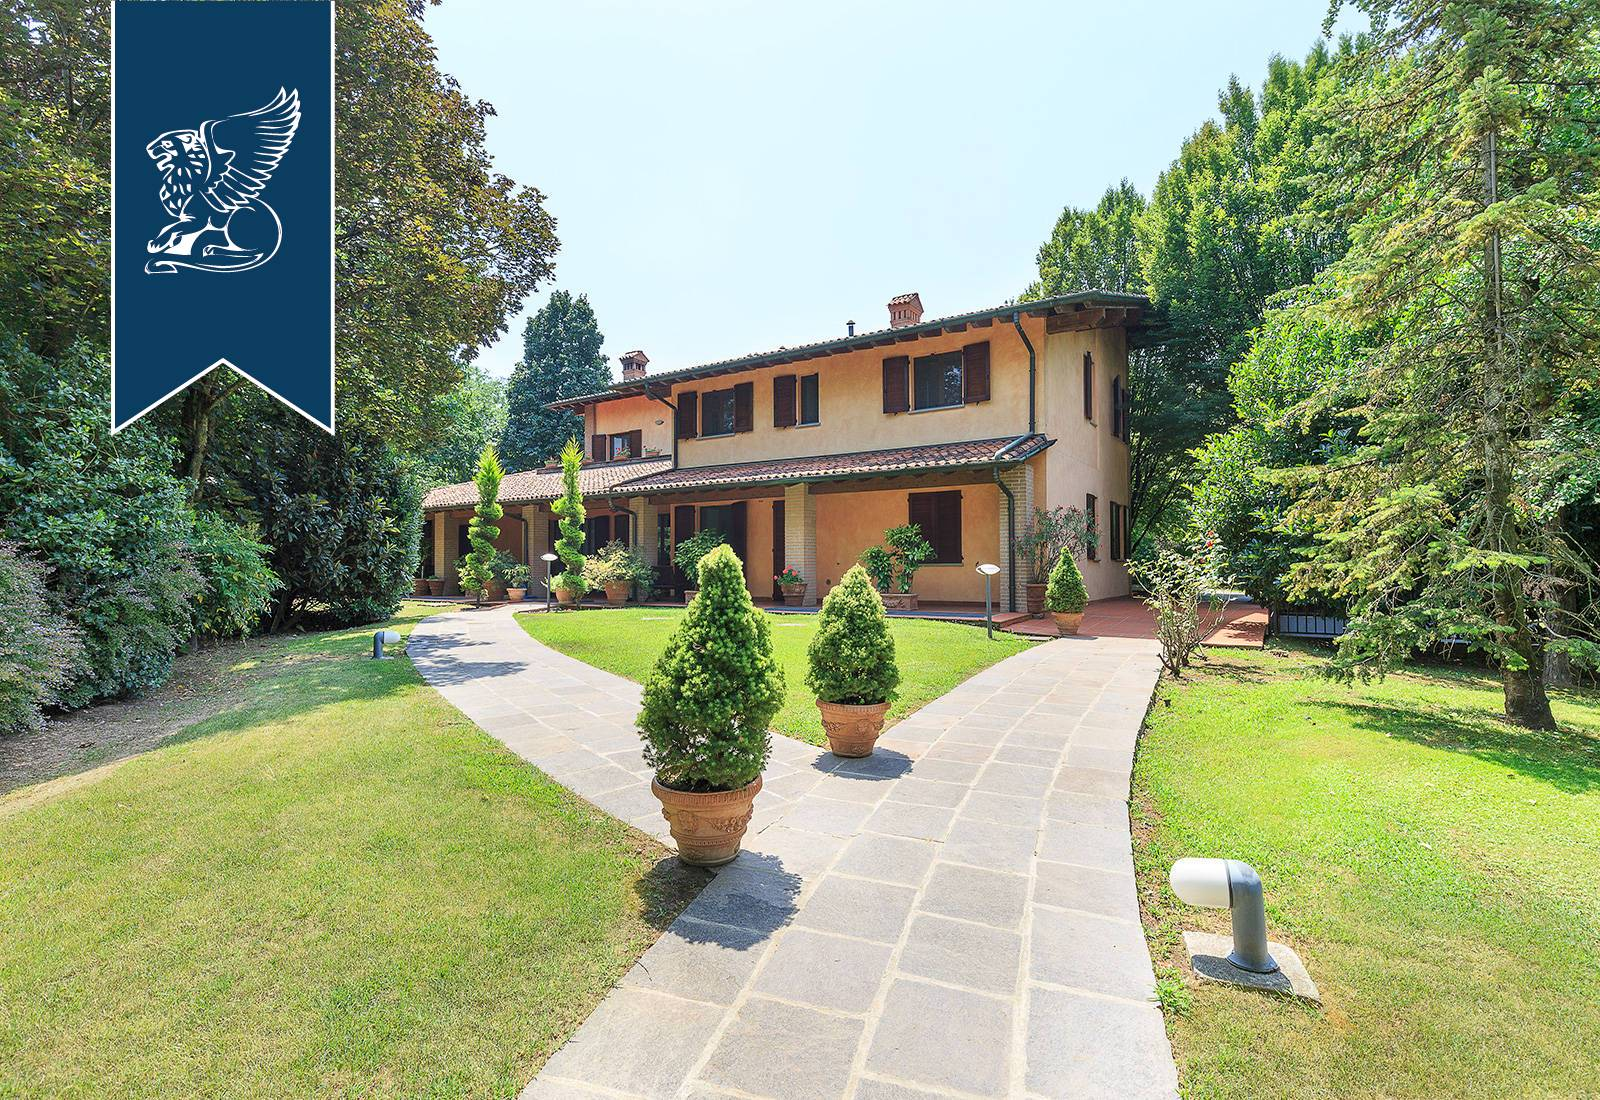 Villa in Vendita a Fontanella: 800 mq